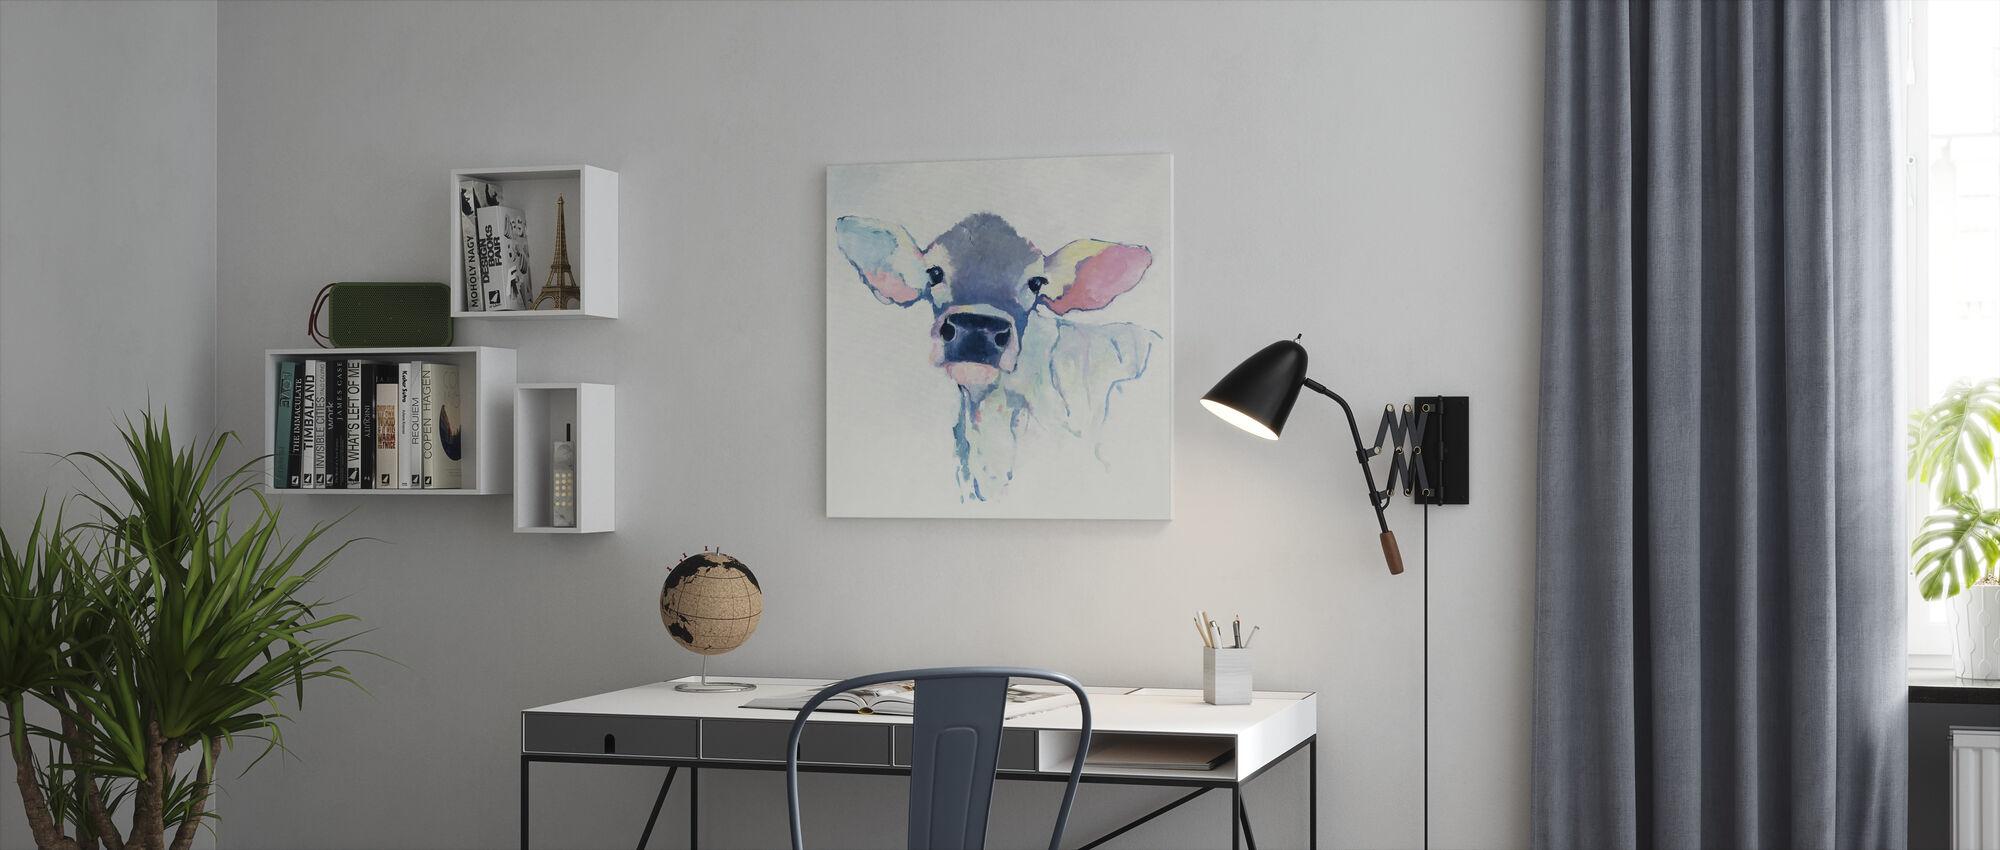 Vesiväri lehmä - Canvastaulu - Toimisto